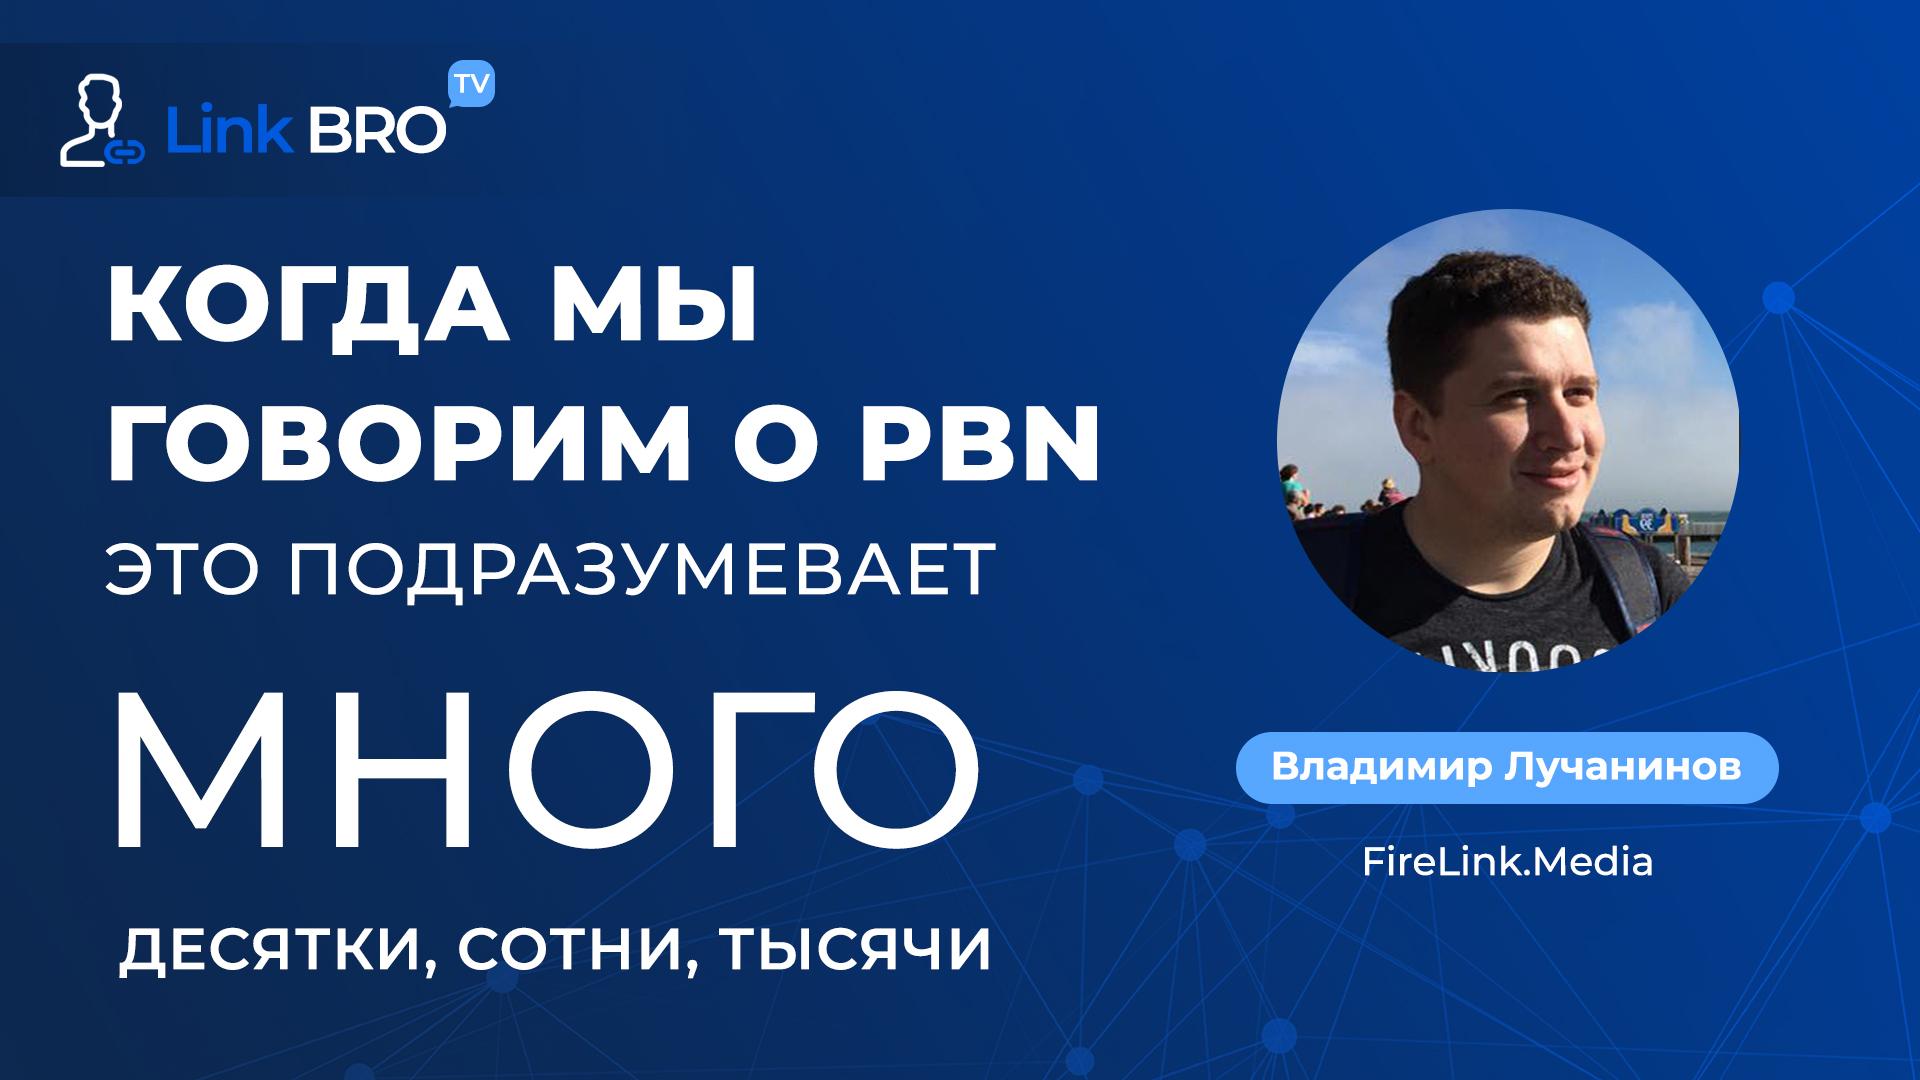 """Владимир Лучанинов (FireLink.Media) — """"Нет смысла создавать меньше чем 100 PBN"""""""